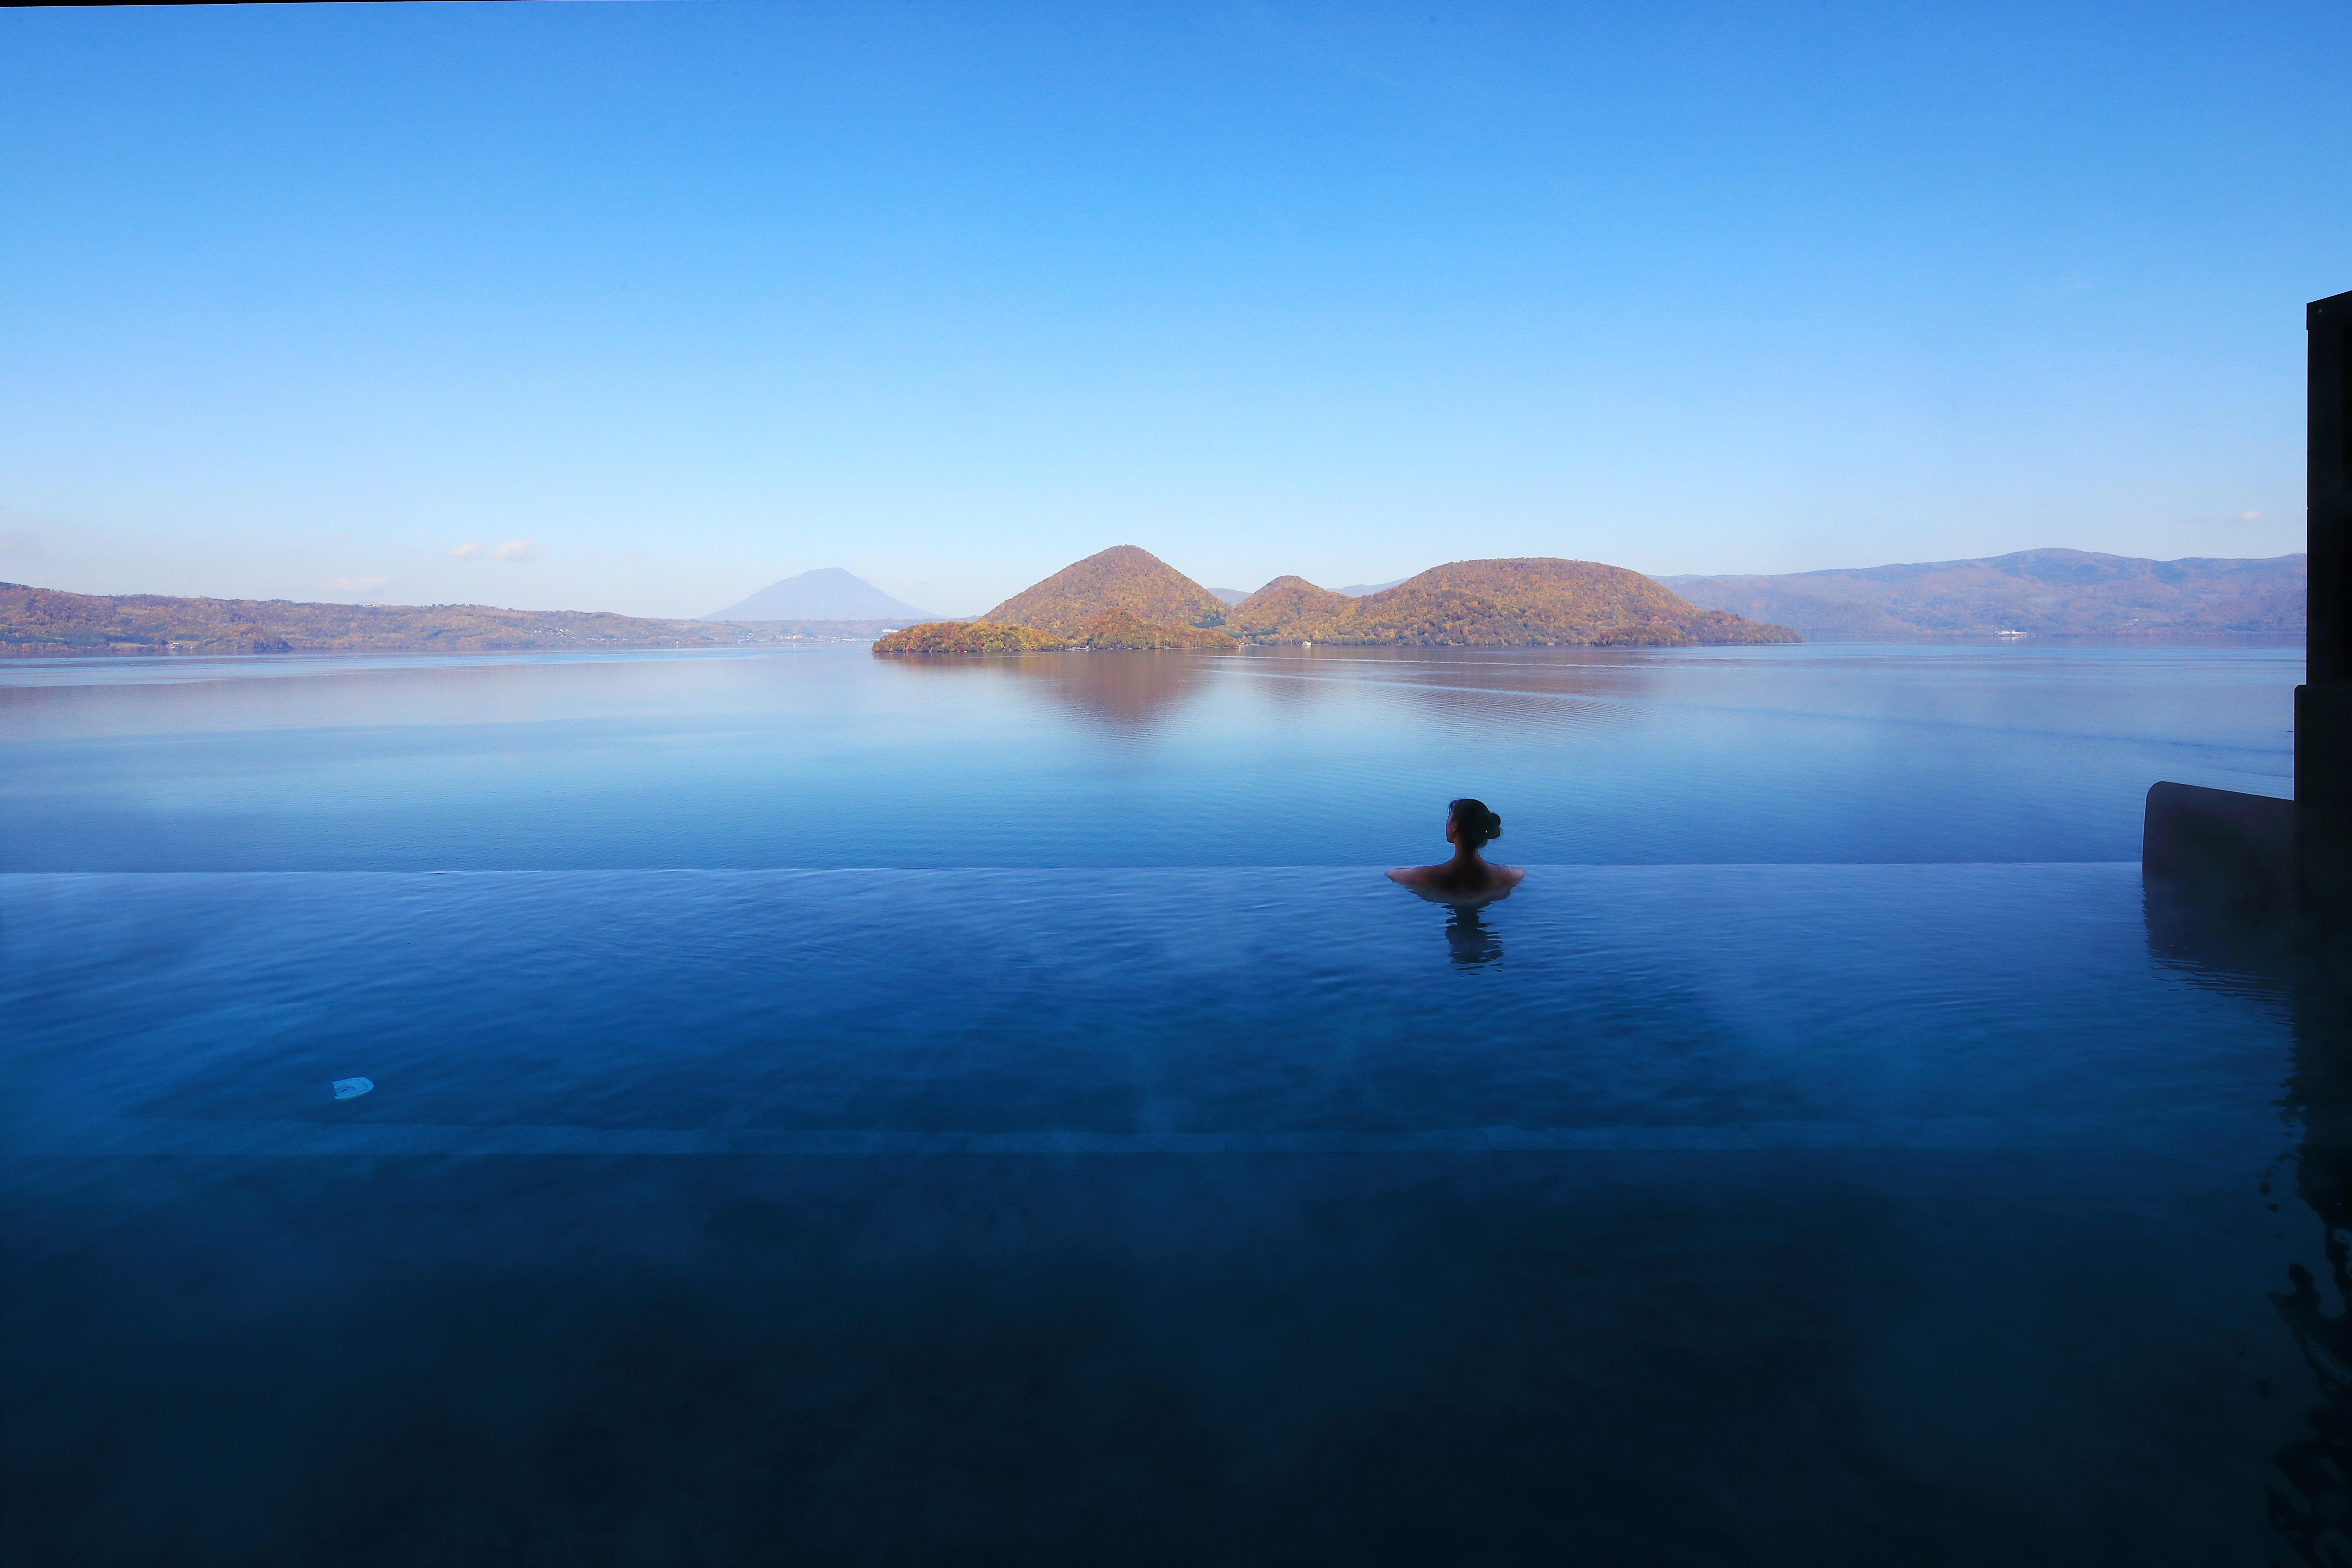 空に浮かぶ露天風呂?!ザ・レイクスイート 湖の栖で洞爺湖ビューを満喫!